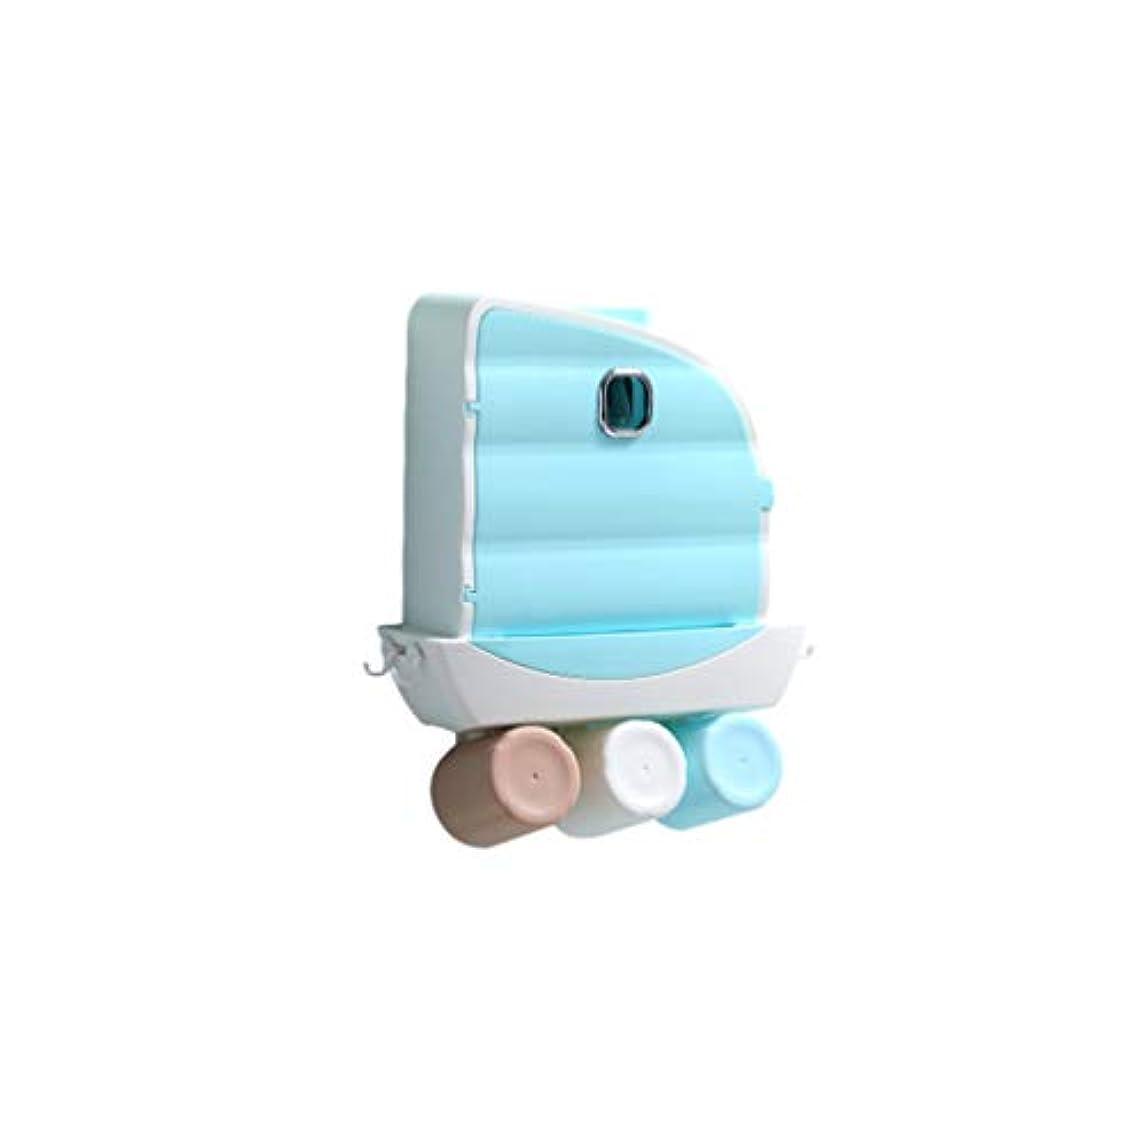 田舎廊下春SUPVOX タオルフック付き壁掛け歯ブラシホルダー歯磨き粉スクイーザー